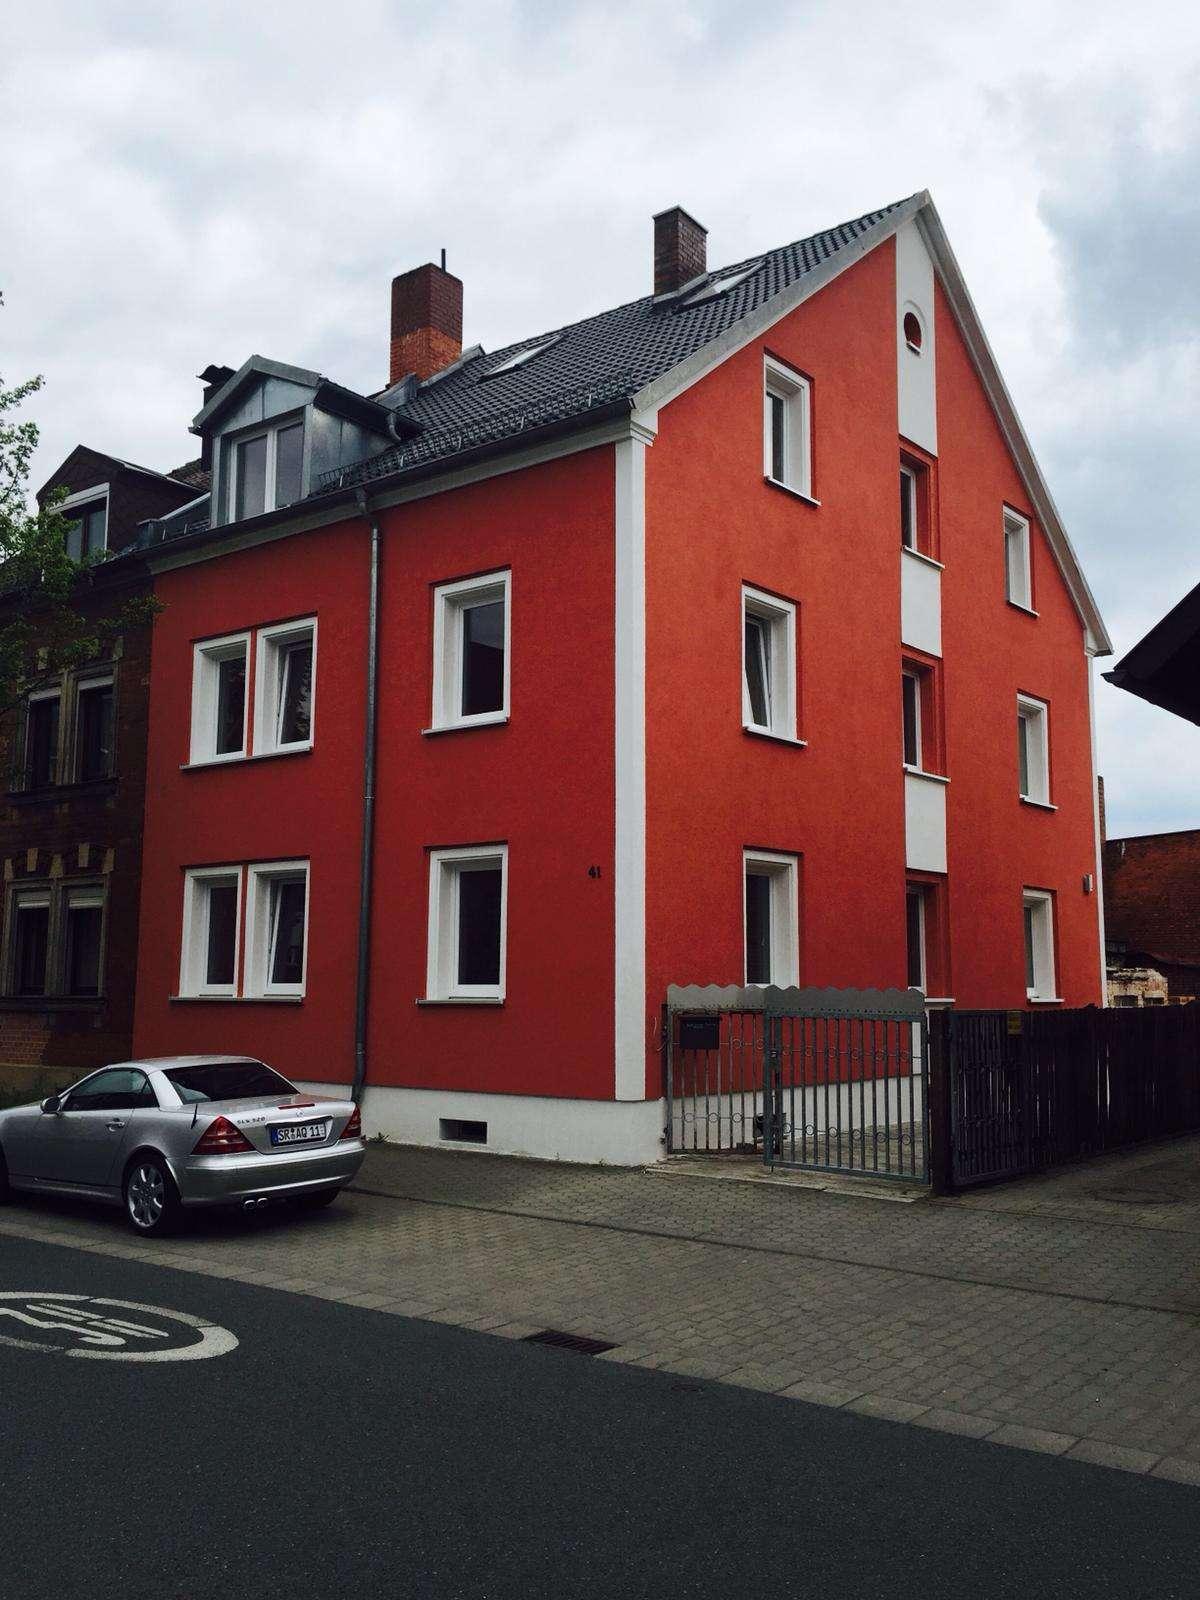 KRISTAN Immobilien: Neurenovierte 3 Zimmer Wohnung in Bayreuth zu vermieten in